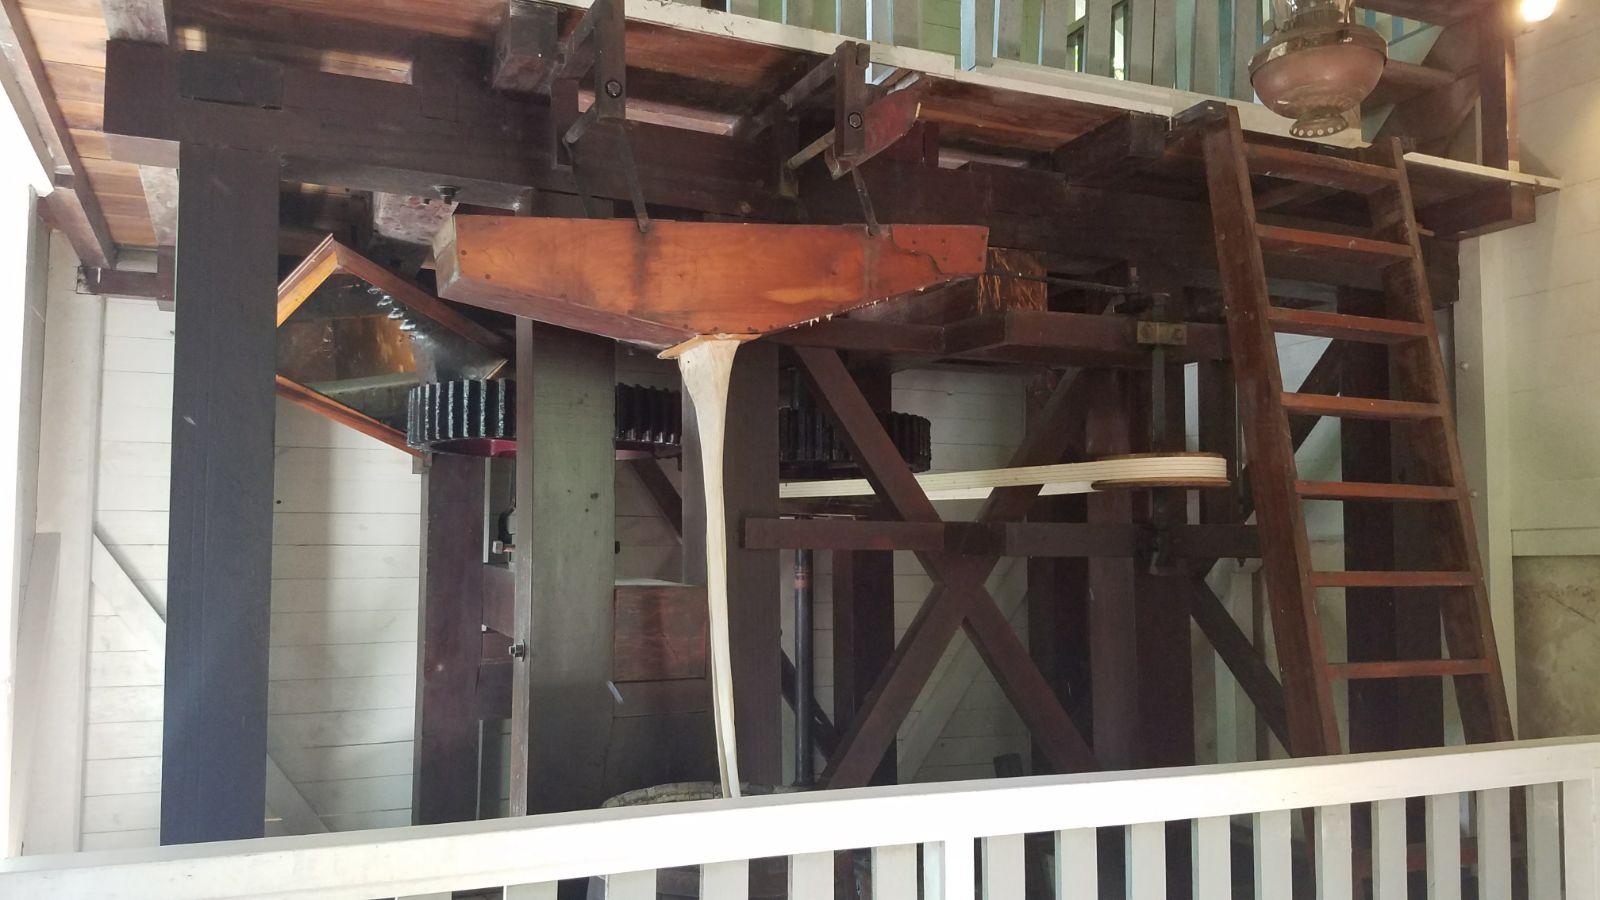 Hacienda water run equipment